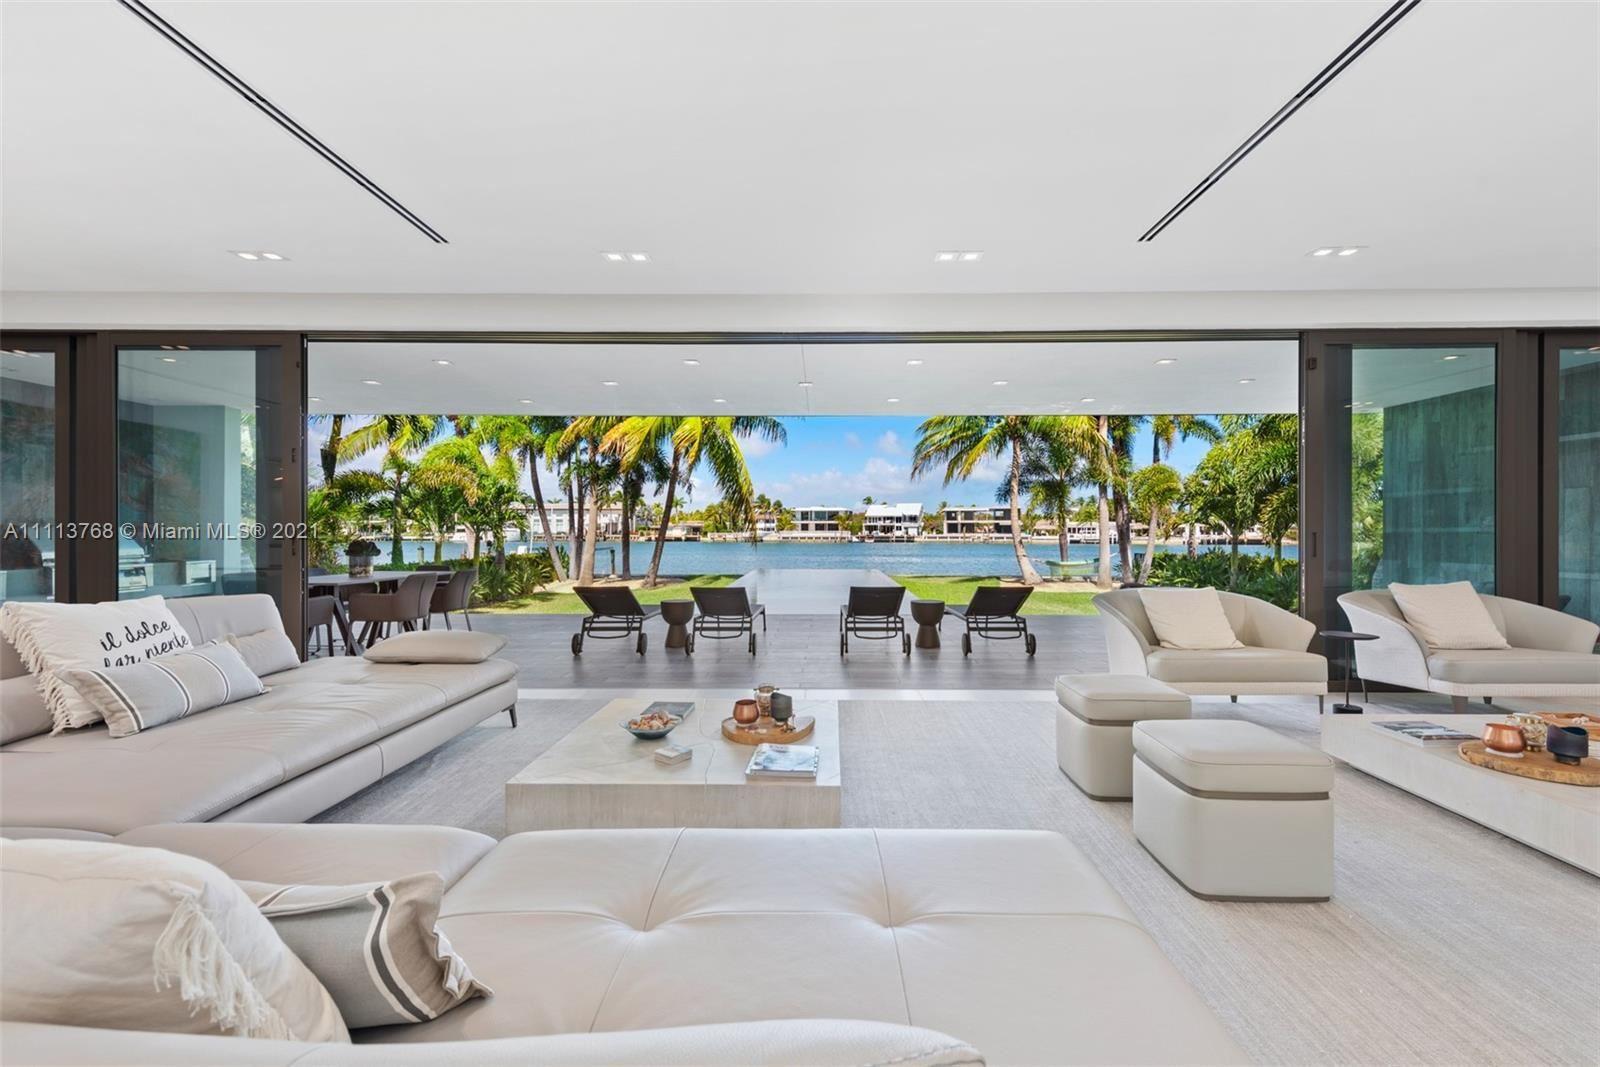 Photo of 305 N Shore Dr, Miami Beach, FL 33141 (MLS # A11113768)